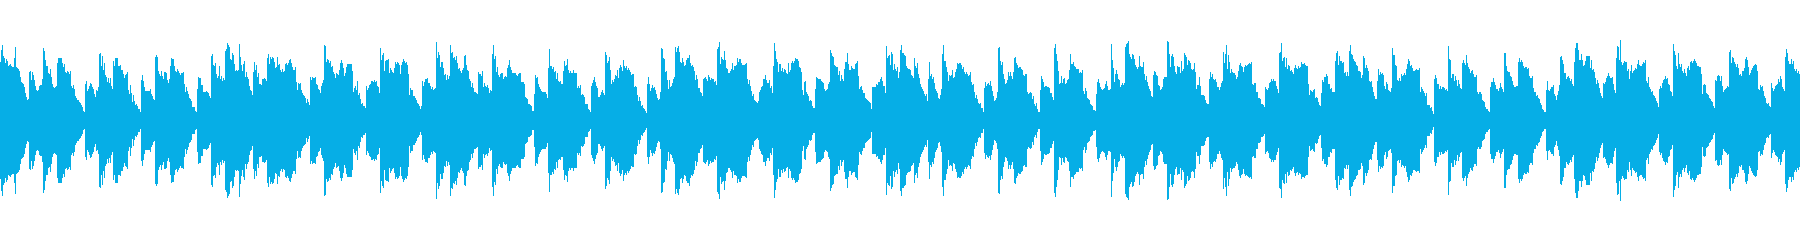 ホラーゲームなどのタイトル画面に合う曲の再生済みの波形